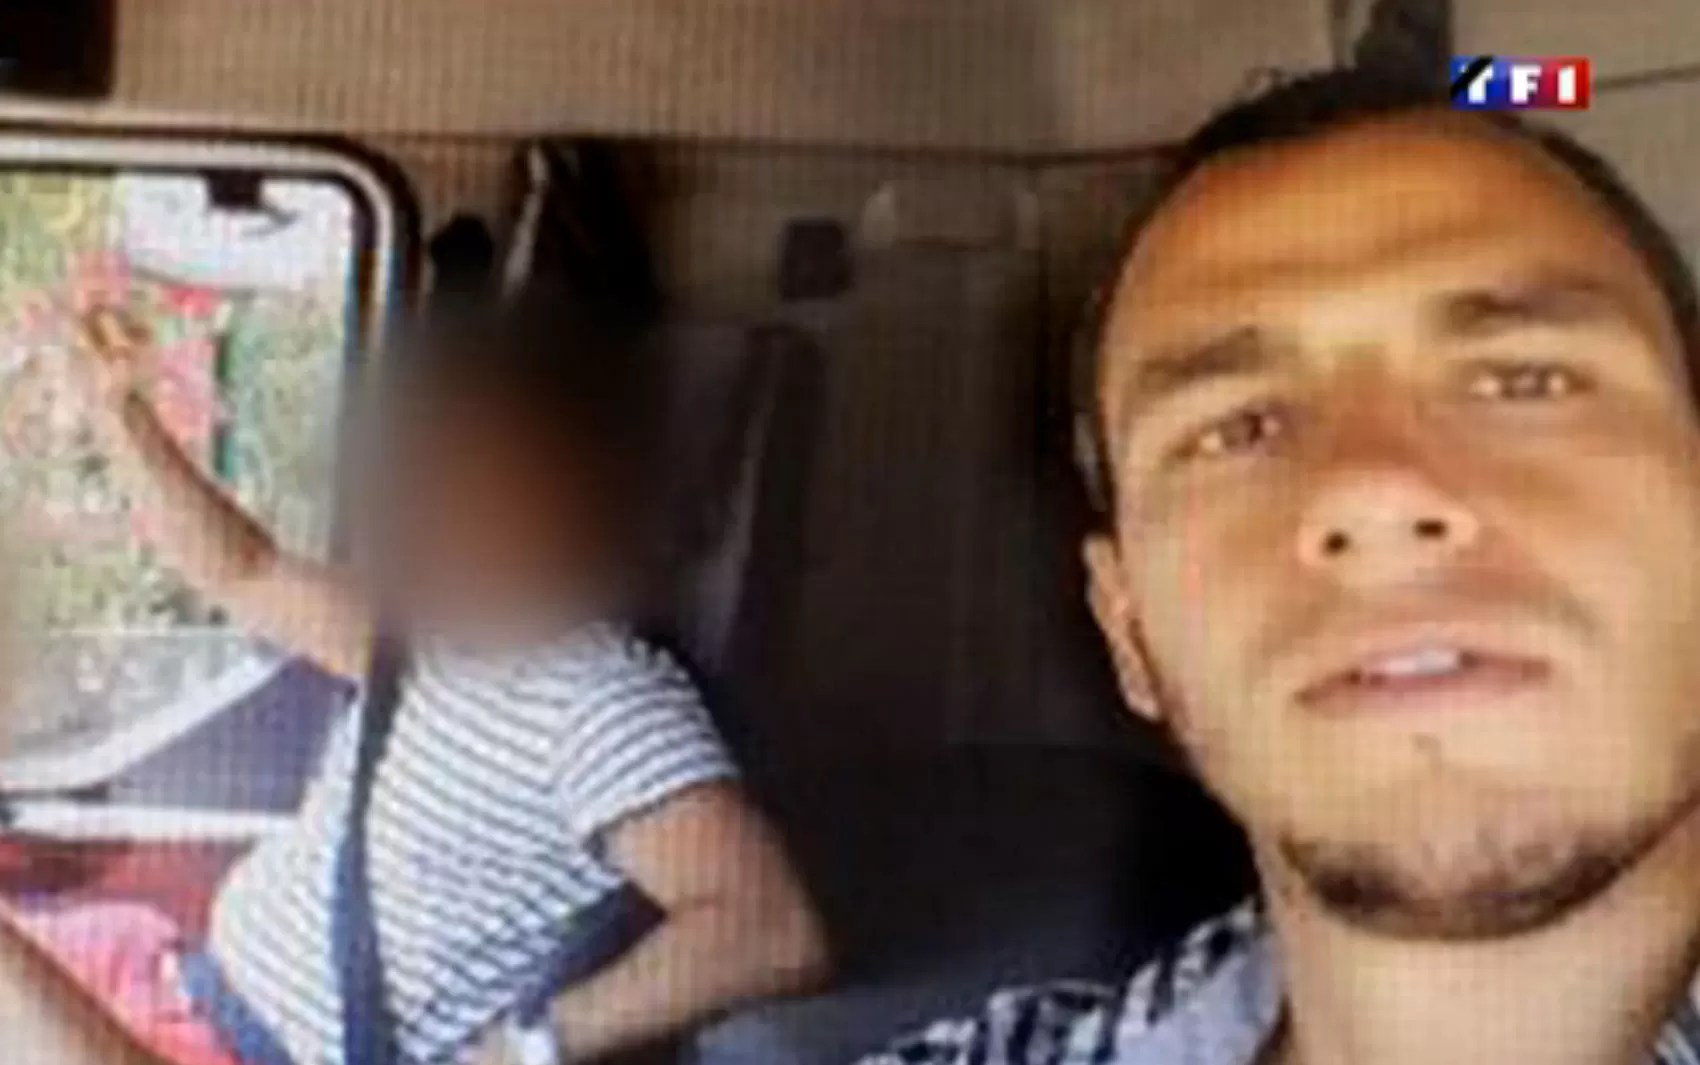 Mohamed Lahouaiej Bouhlel posa para selfie no dia 12 de julho na cabine do caminhão que usou no ataque em Nice (Foto: Reprodução/TF1)